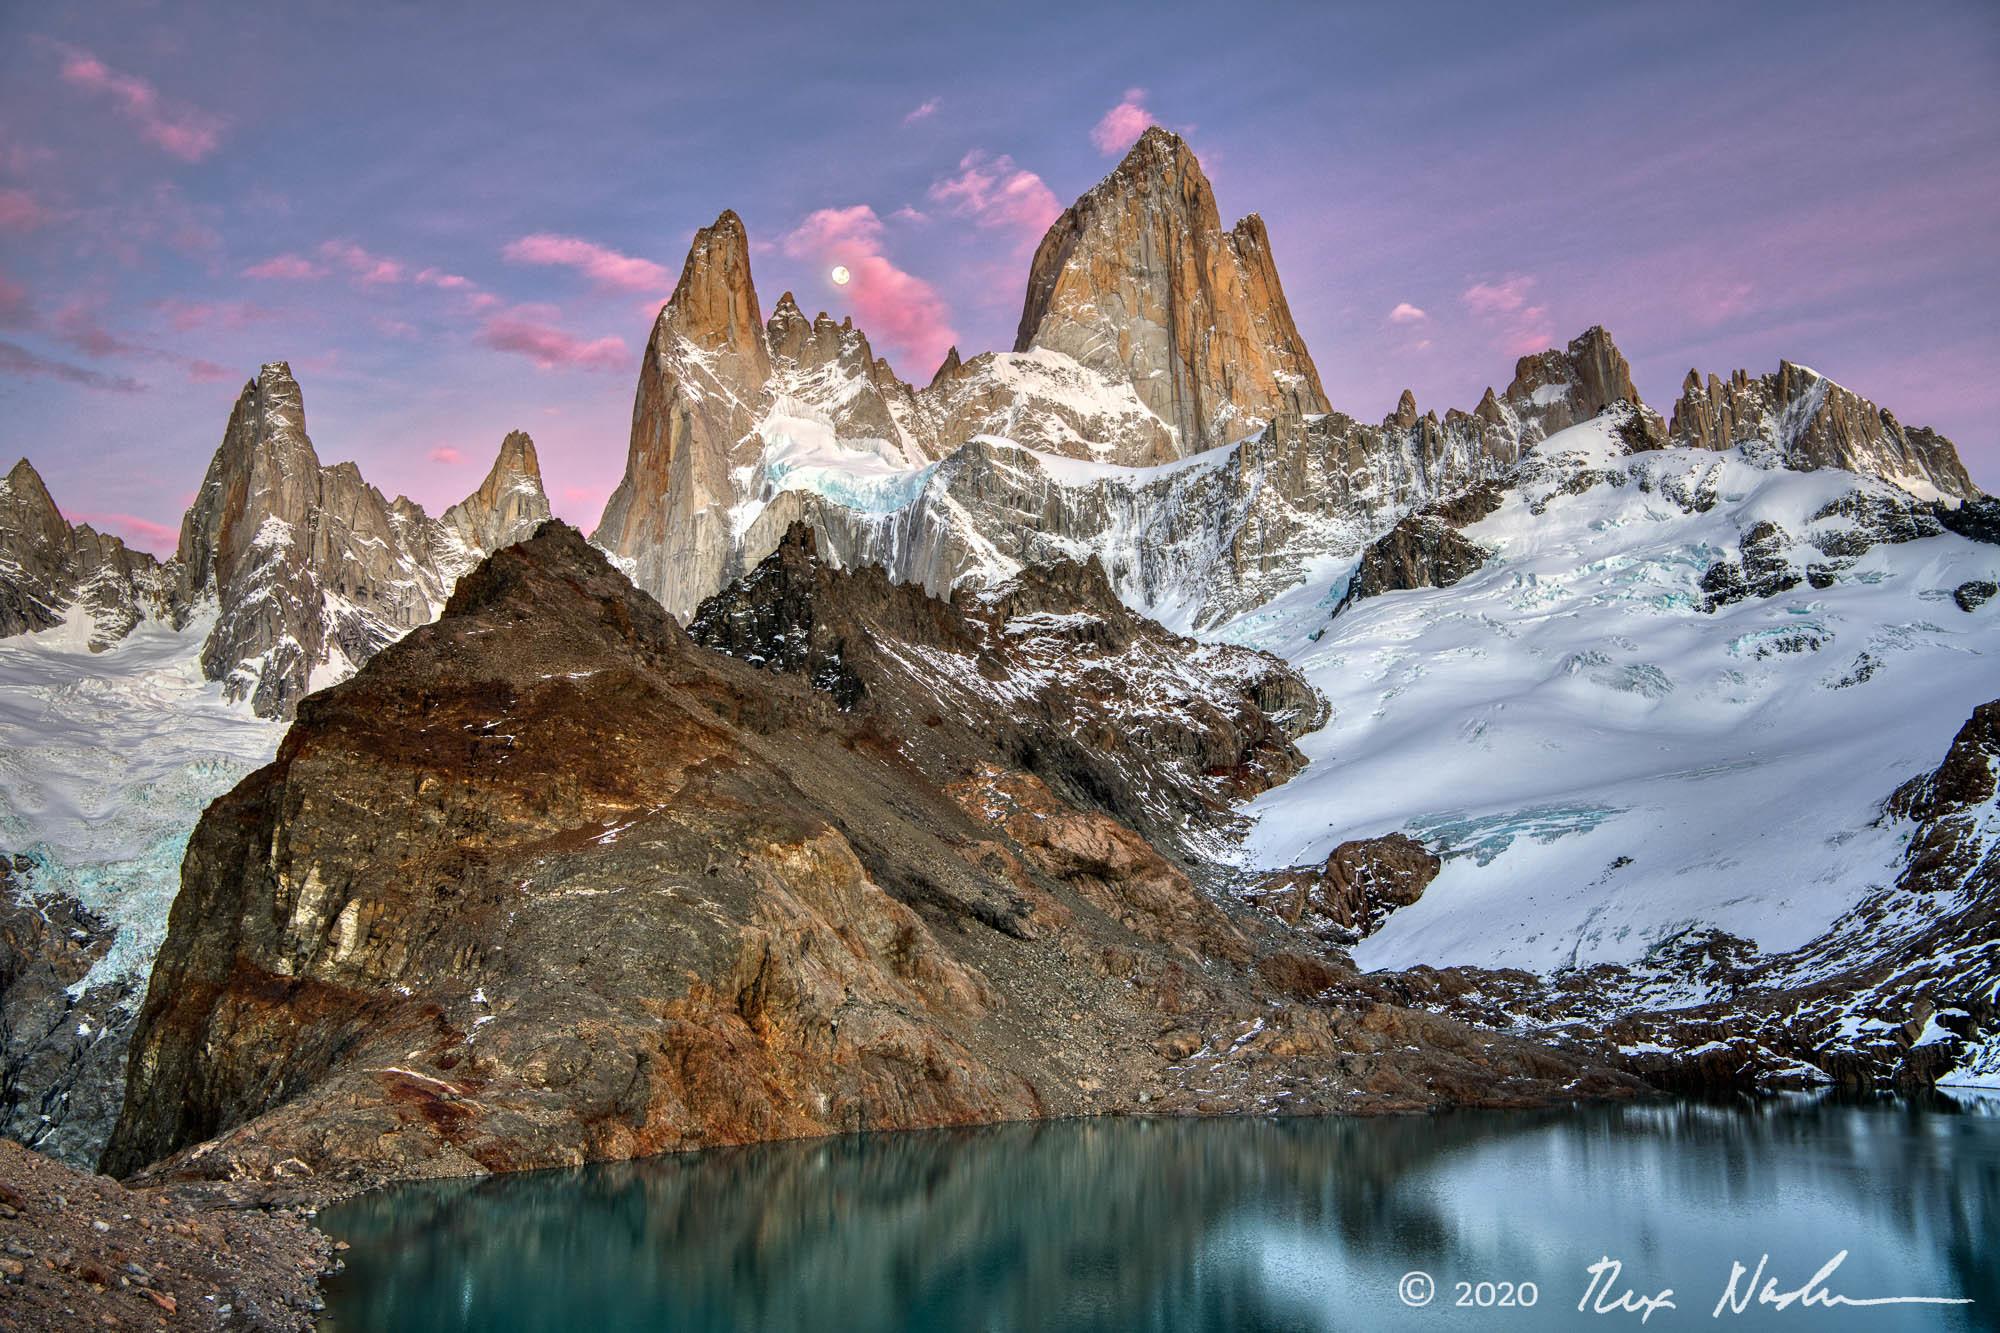 Cerro Chalten - Near El Chalten, Argentina